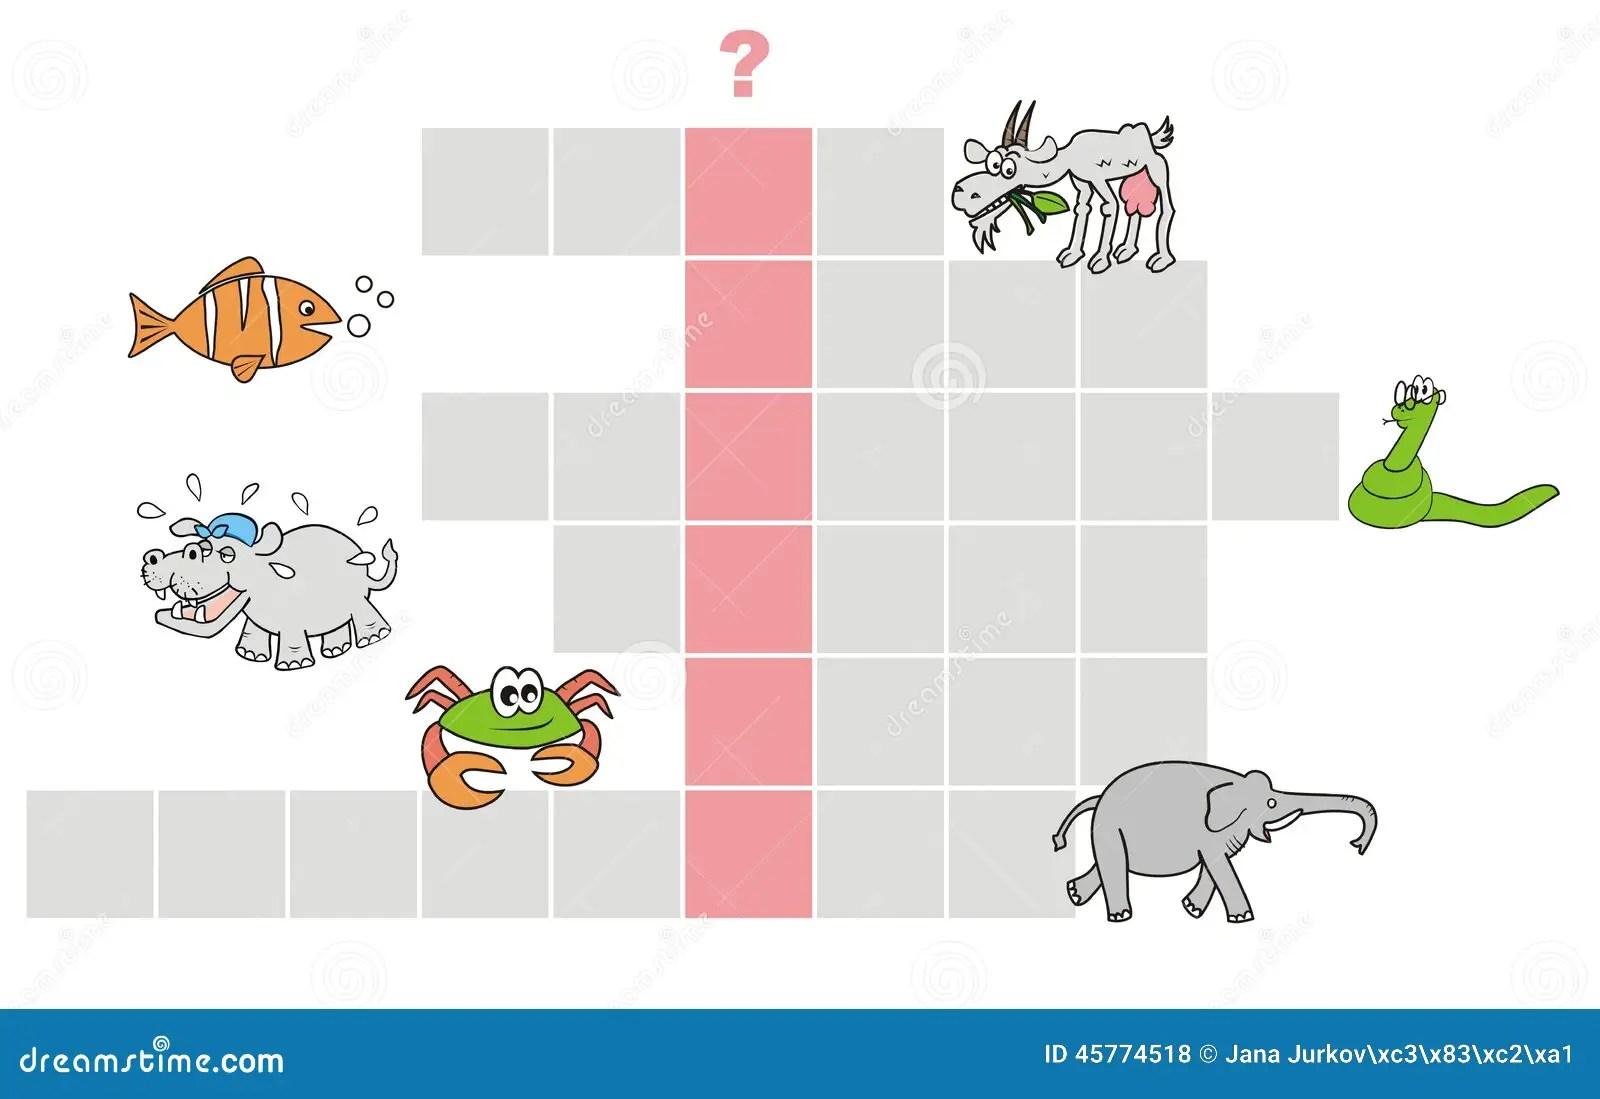 Animal Names Crossword Puzzle